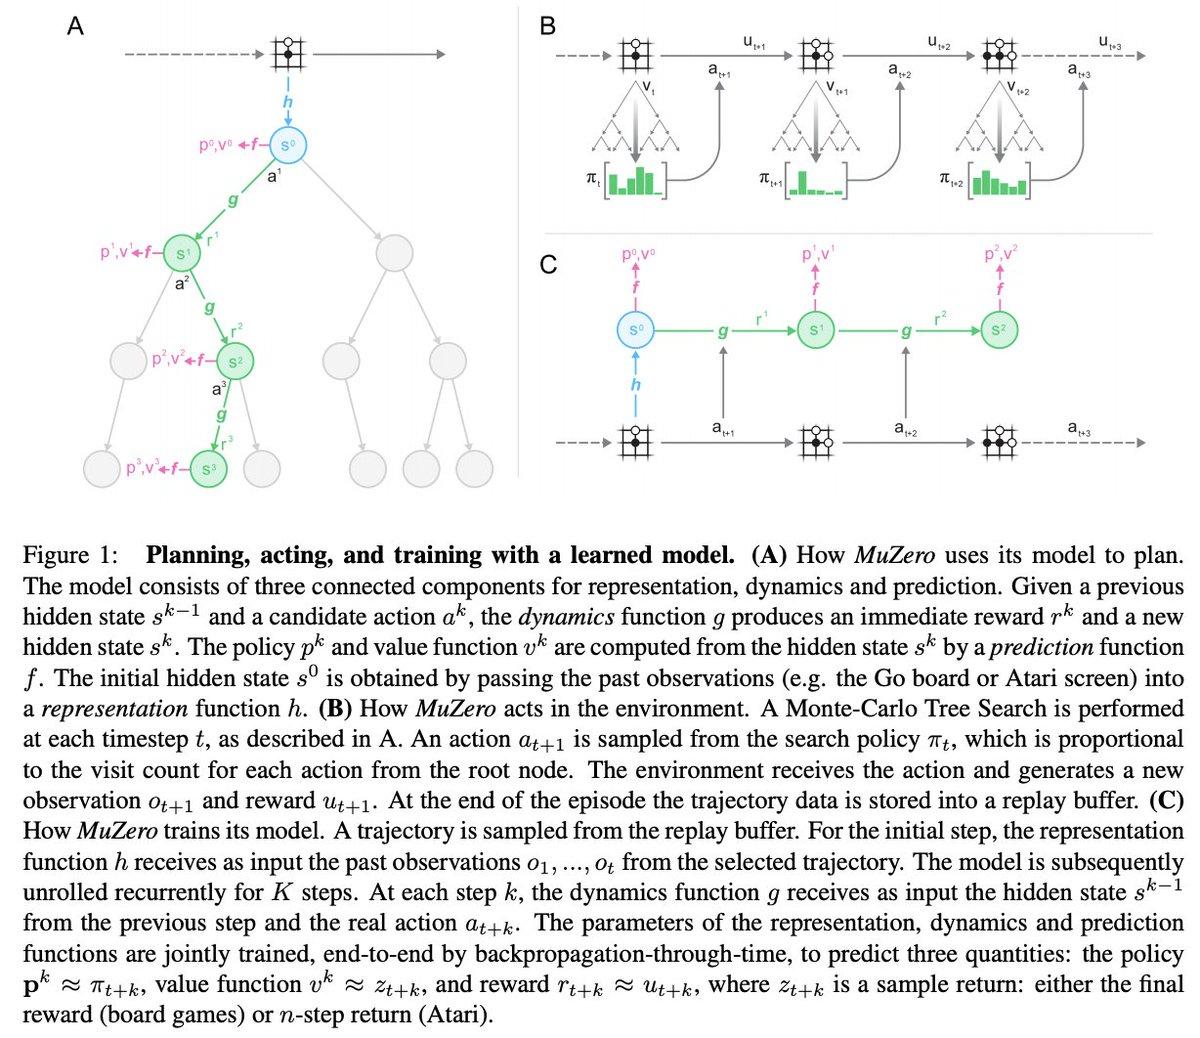 MuZero [Schrittwieser+, 2019]AlphaZeroのMCTSを実環境ではなくモデルベースのシミュレーションで行い、碁などとAtariに適用した。それぞれAlphaZeroとR2D2超え。モデルμは観測値を状態に変換するh、状態遷移を担うg、状態価値を予測するfからなる。#NowReading